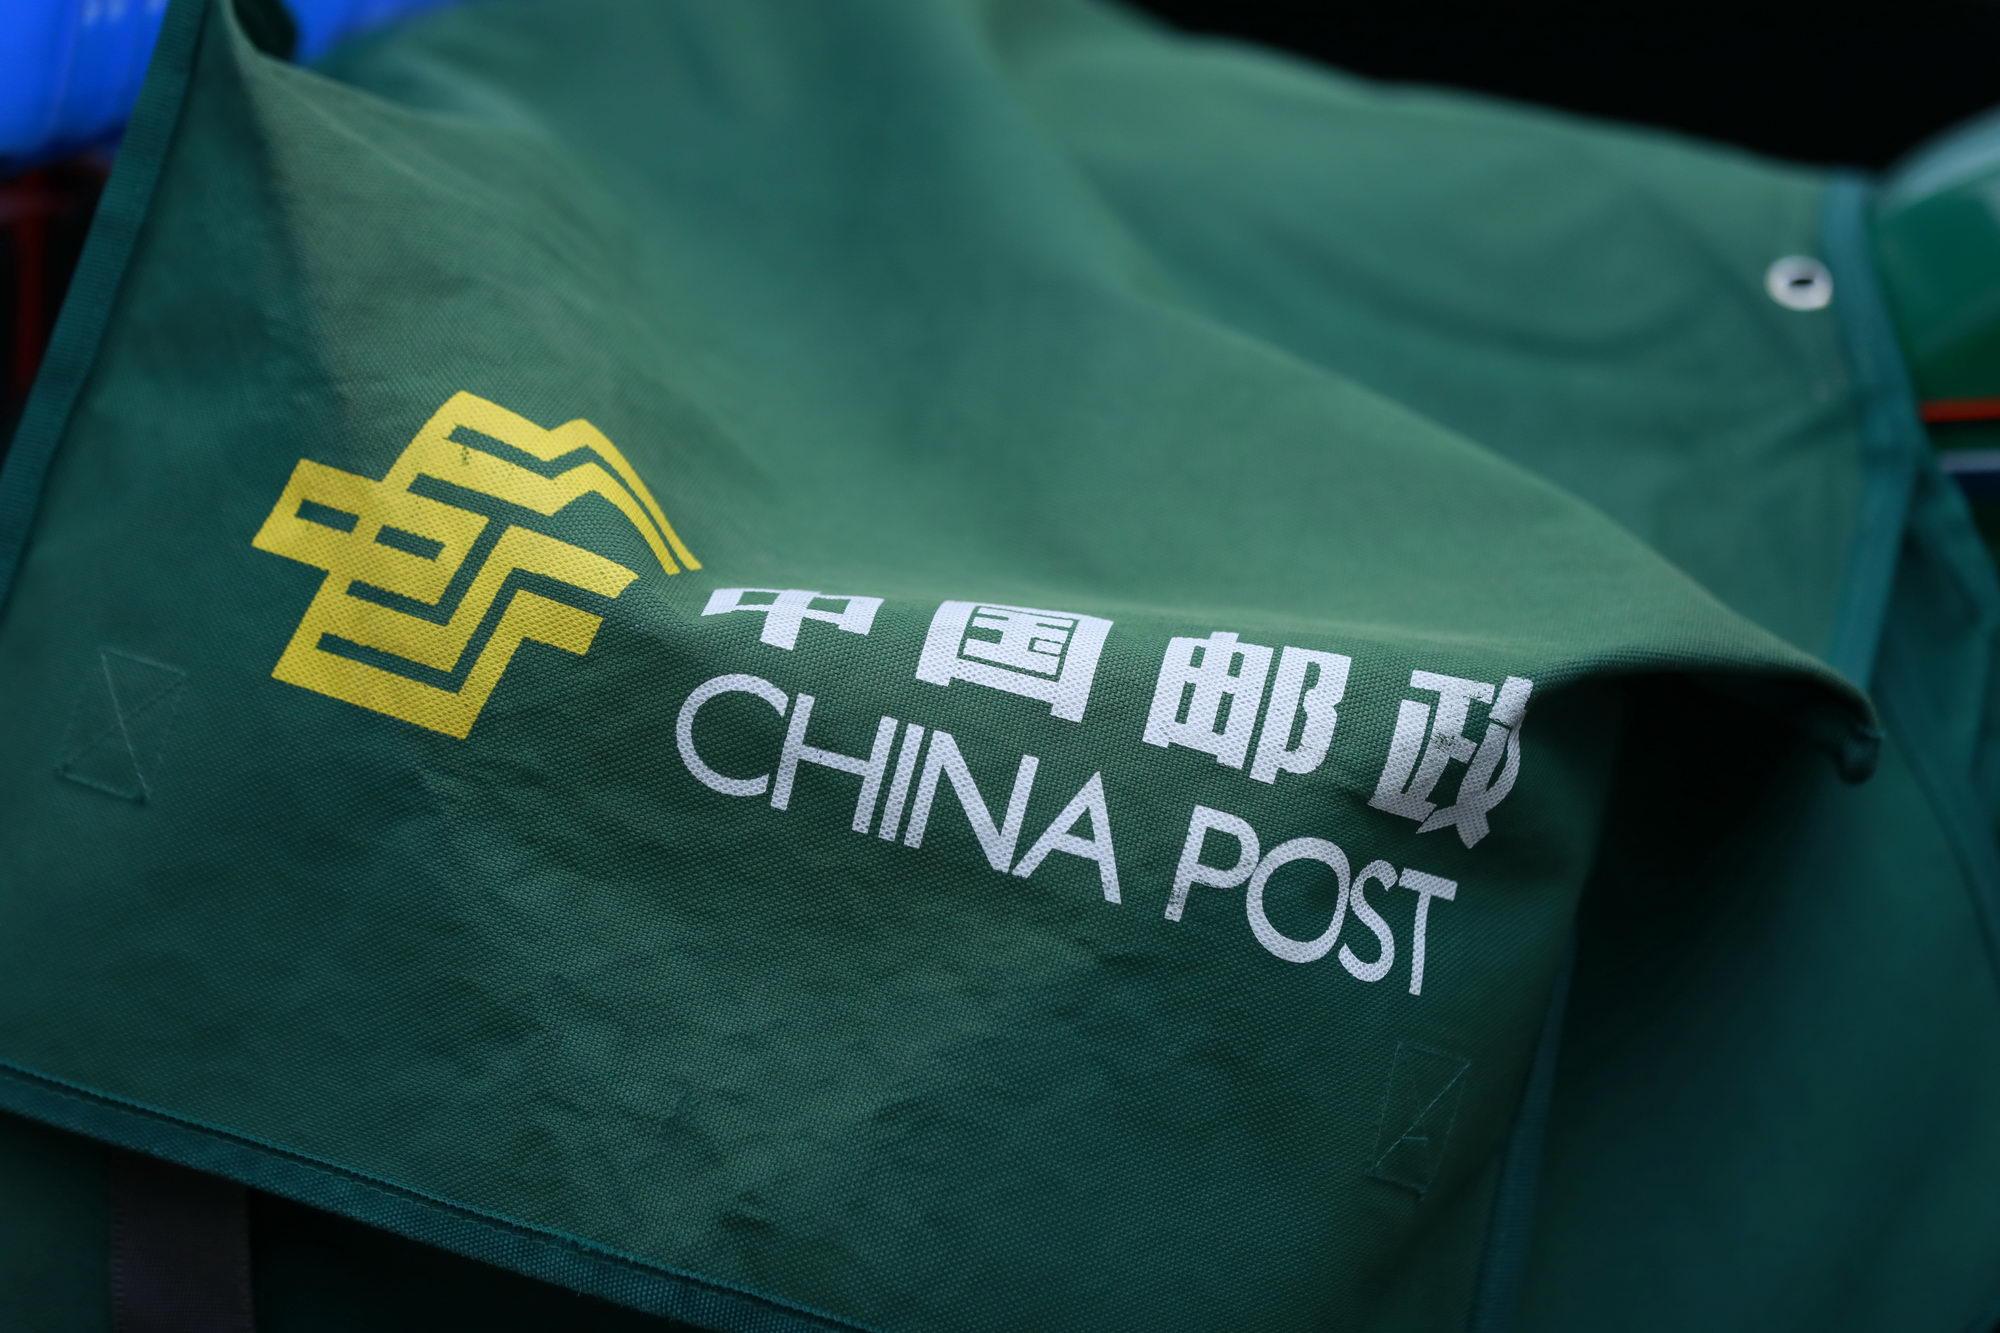 上海邮政联合B站共同推出二次元主题快闪邮局